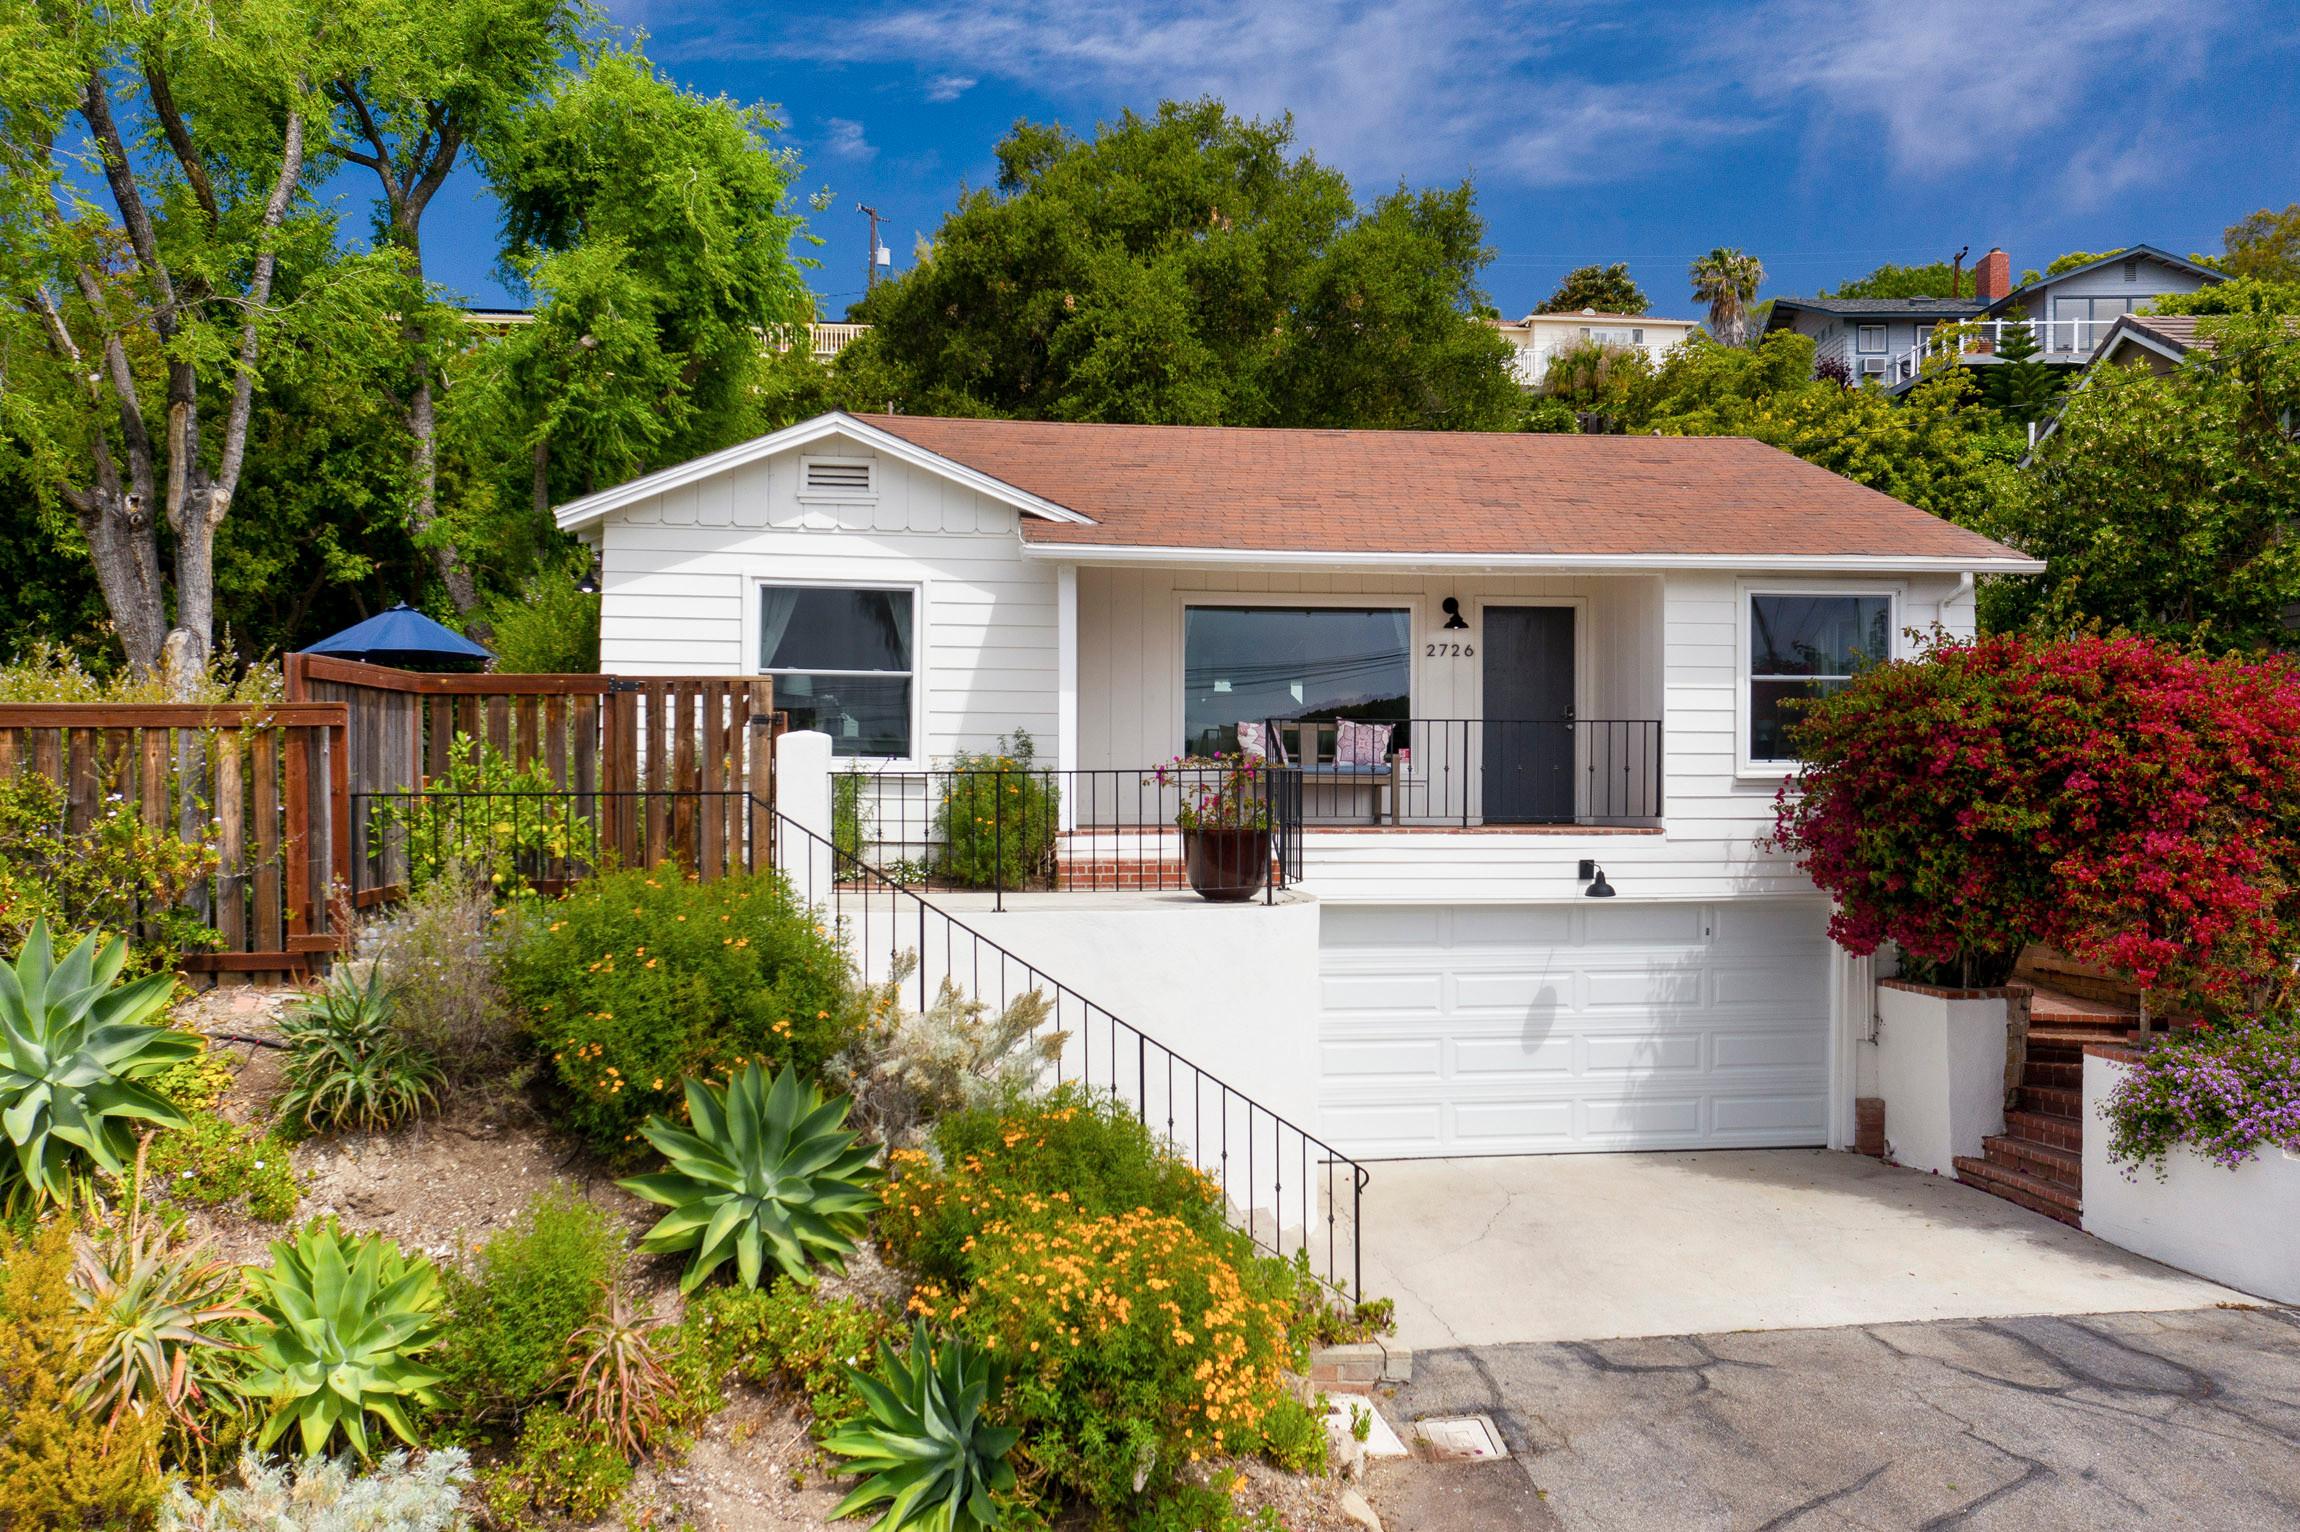 2726 Williams Way, Santa Barbara